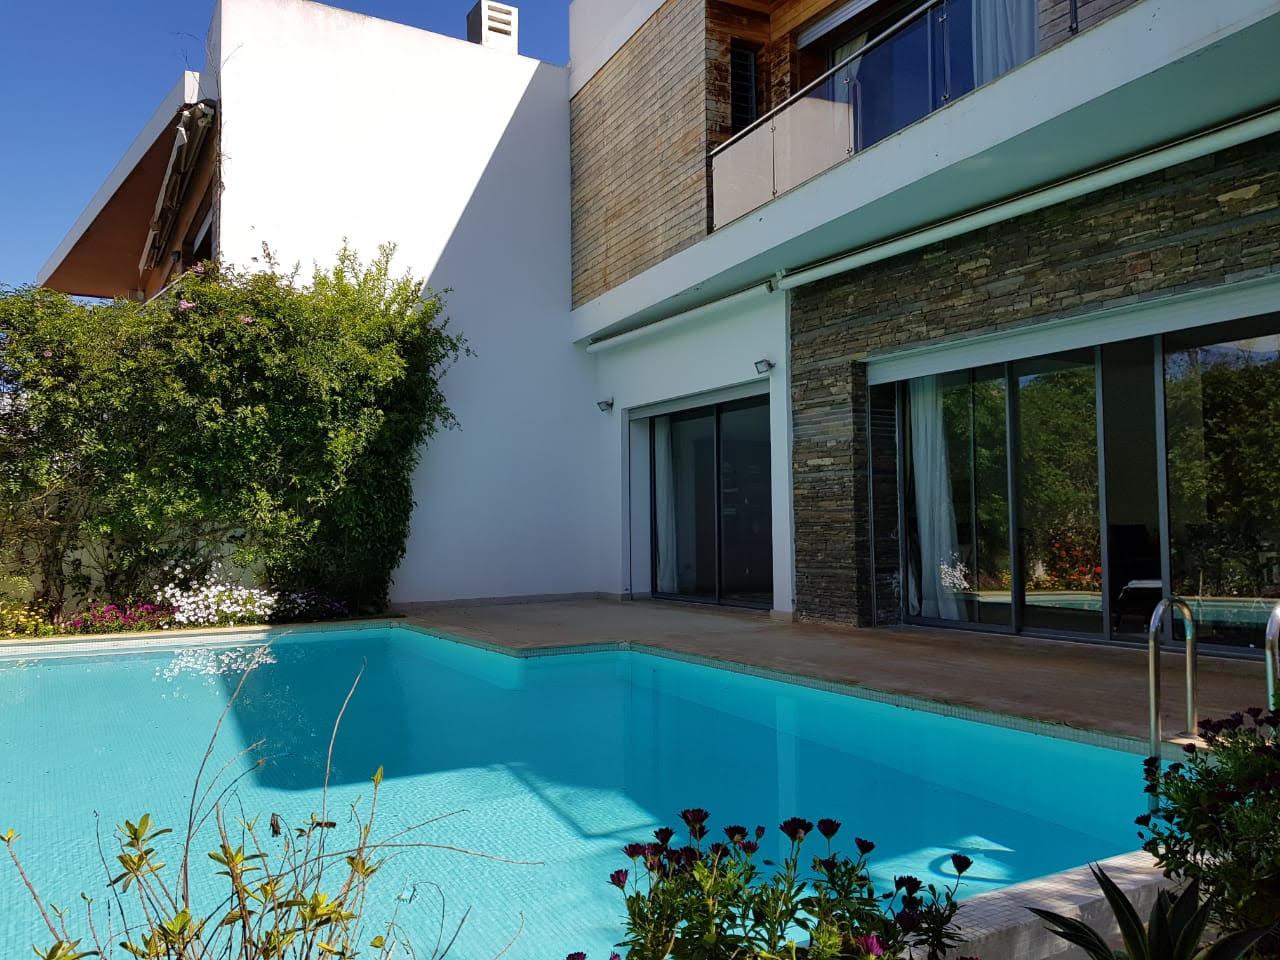 Vente <strong>Villa</strong> Casablanca Ain Diab <strong>518 m2</strong>